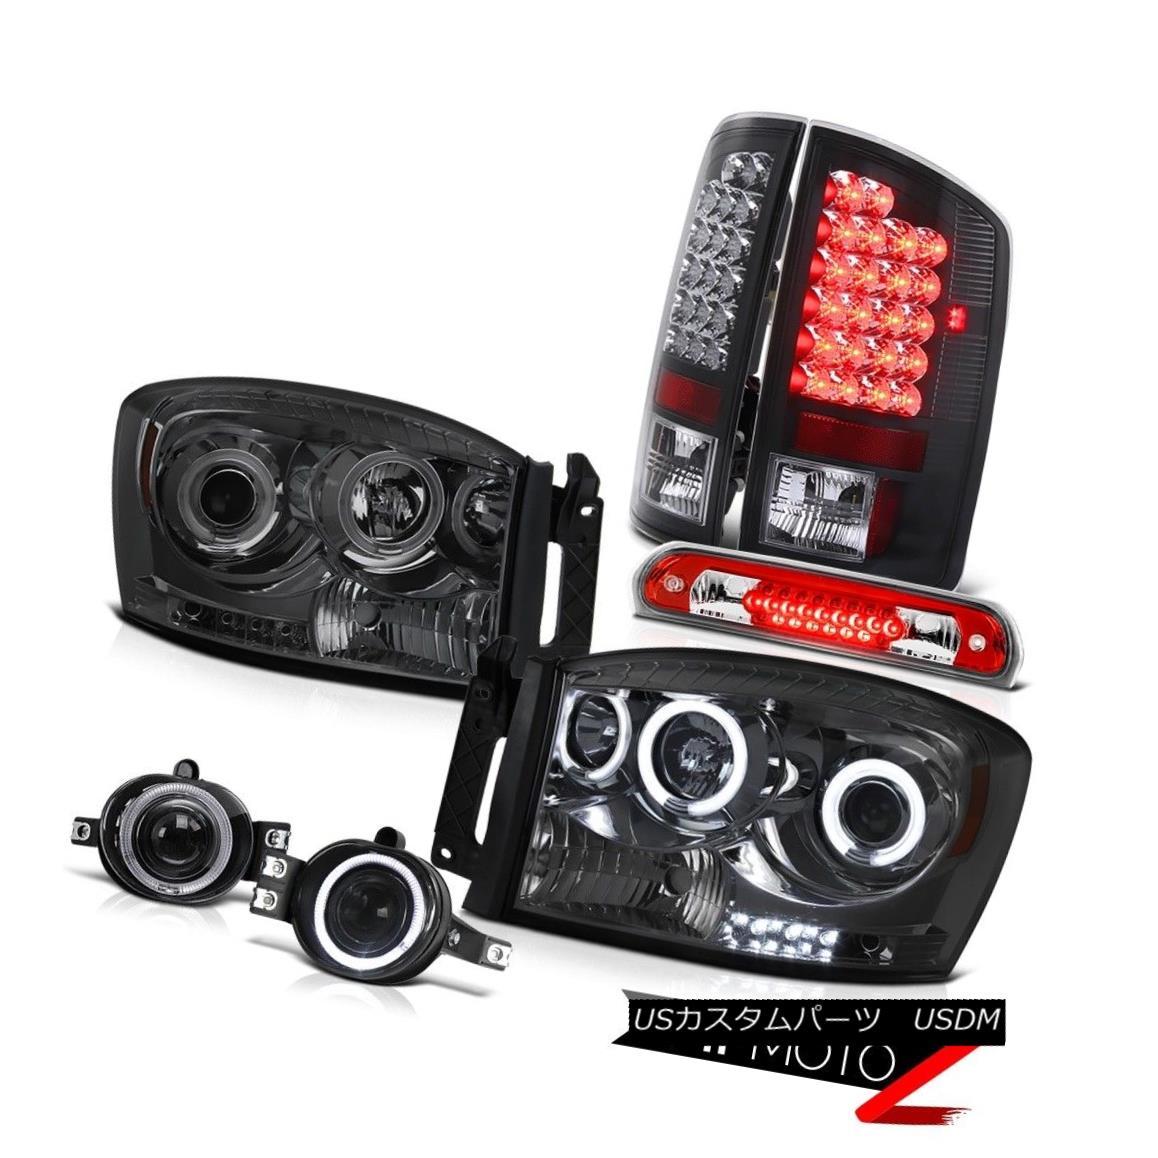 ヘッドライト Smoke CCFL Angel Eye Headlight LED Black Taillight Brake Cargo 2006 Dodge Ram WS 煙CCFLエンジェルアイヘッドライトLEDブラックティアライトブレーキカーゴ2006ドッジラムWS